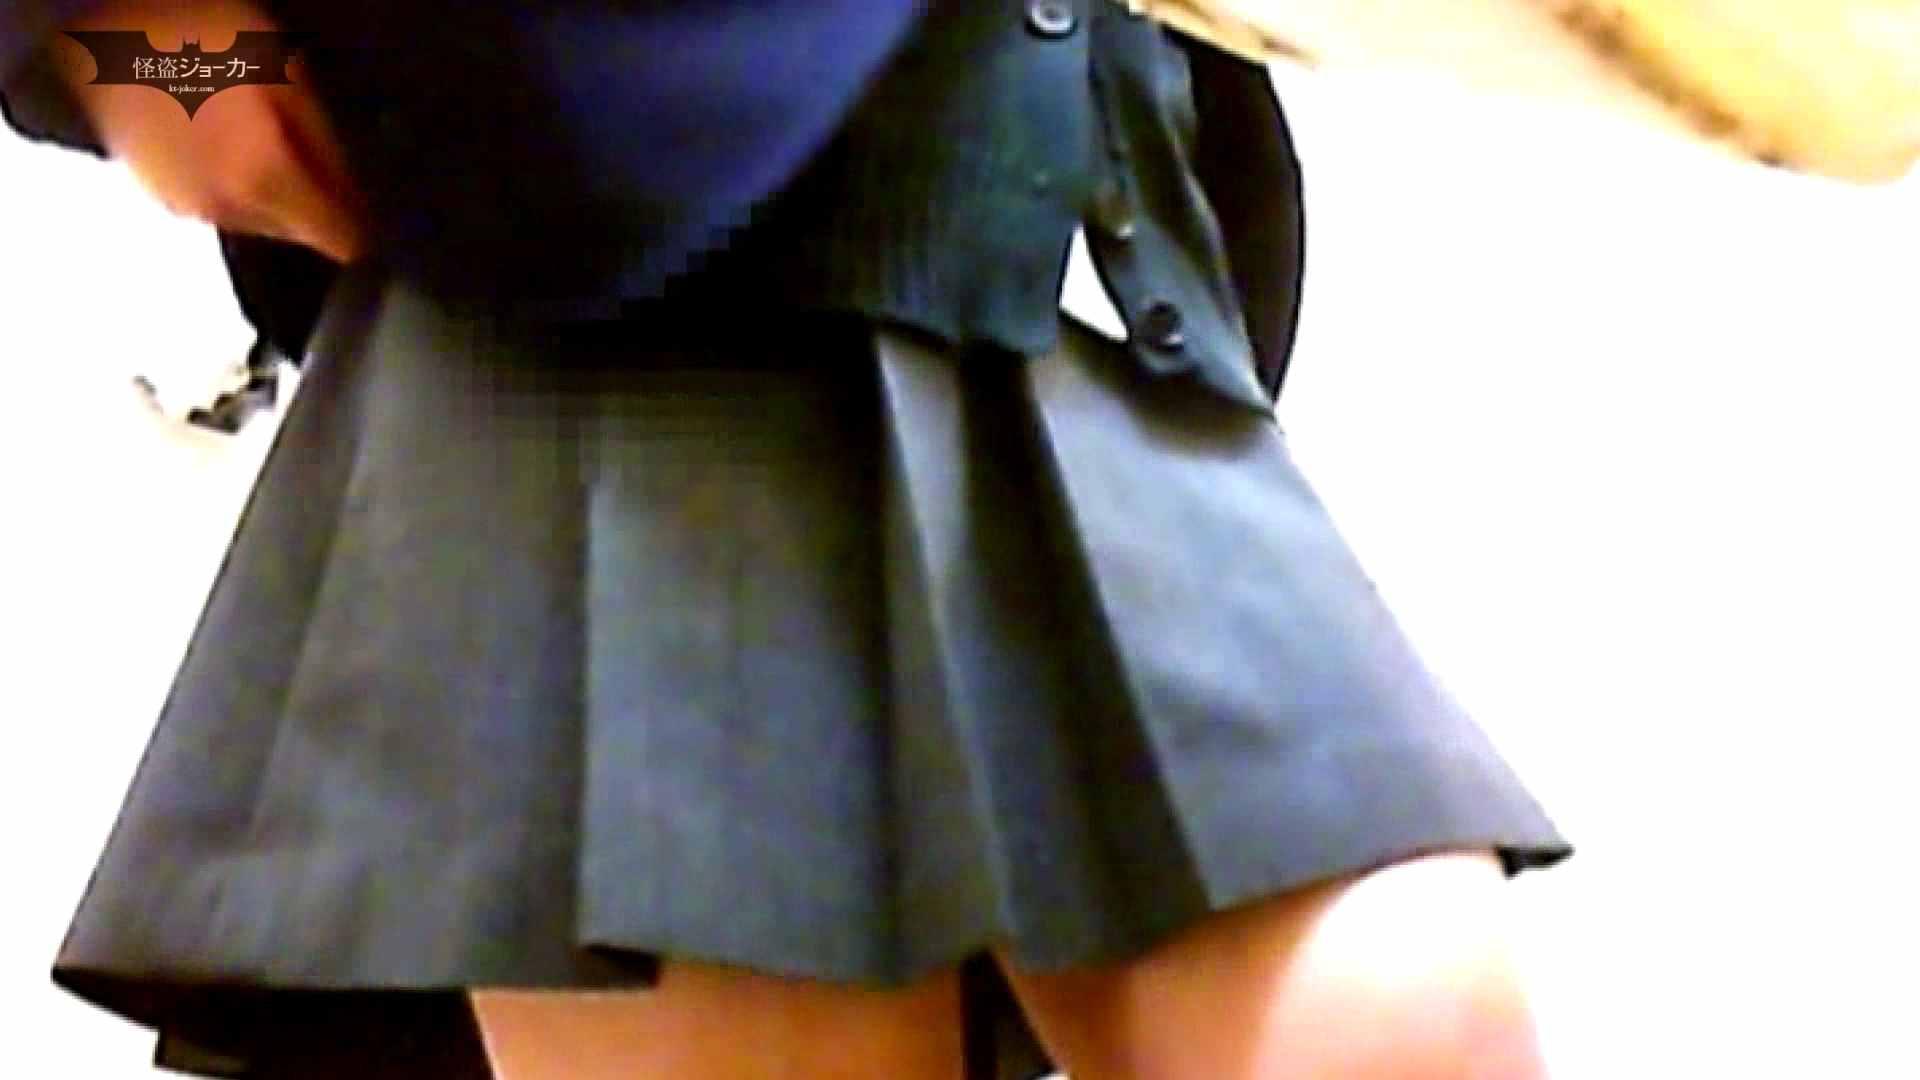 巨乳 乳首:店長代理の盗撮録 Vol.03 制服ばかりをあつめてみました。その3:怪盗ジョーカー